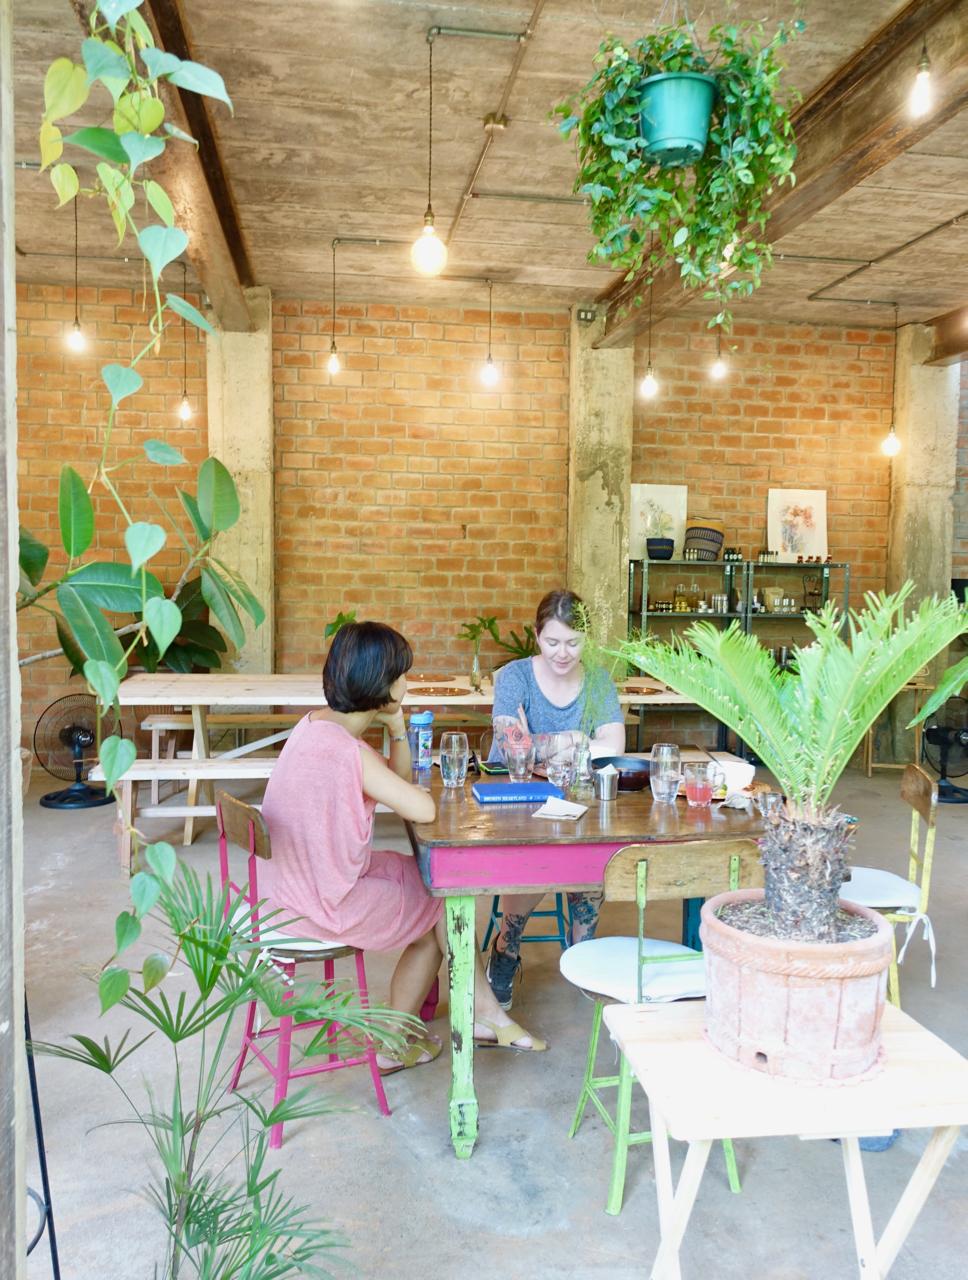 Burrow Cafe - Tucked away is a hidden gem